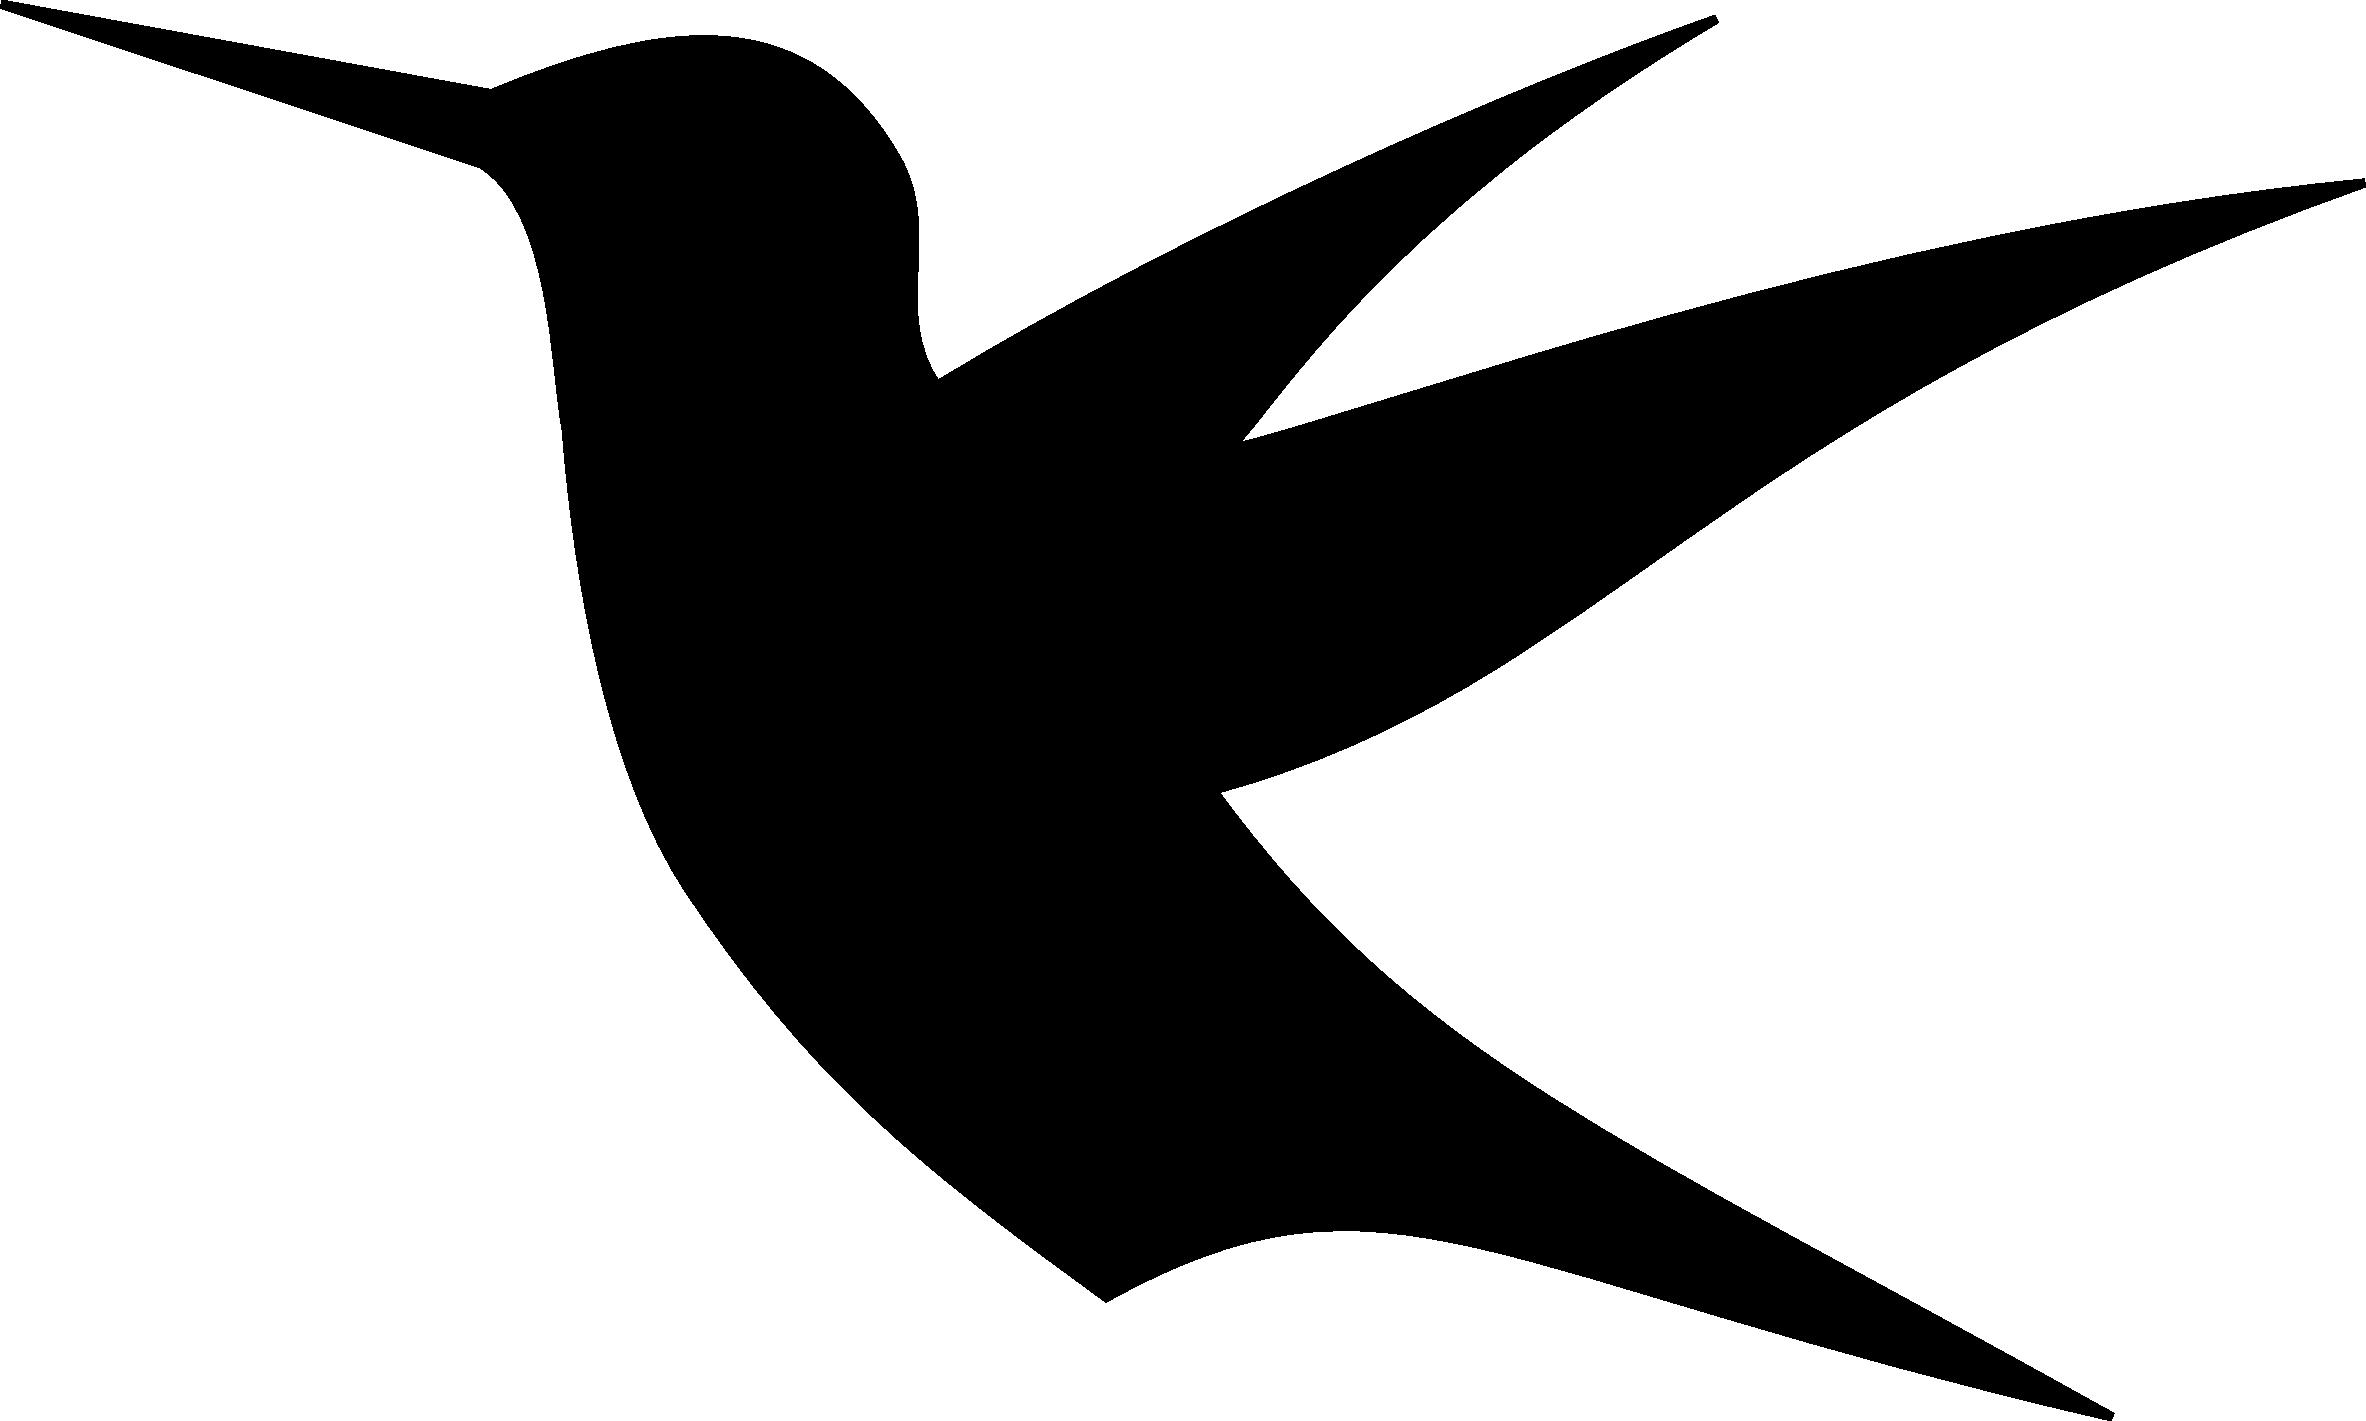 Clipart pen silhouette. Hummingbird best quilting ideas